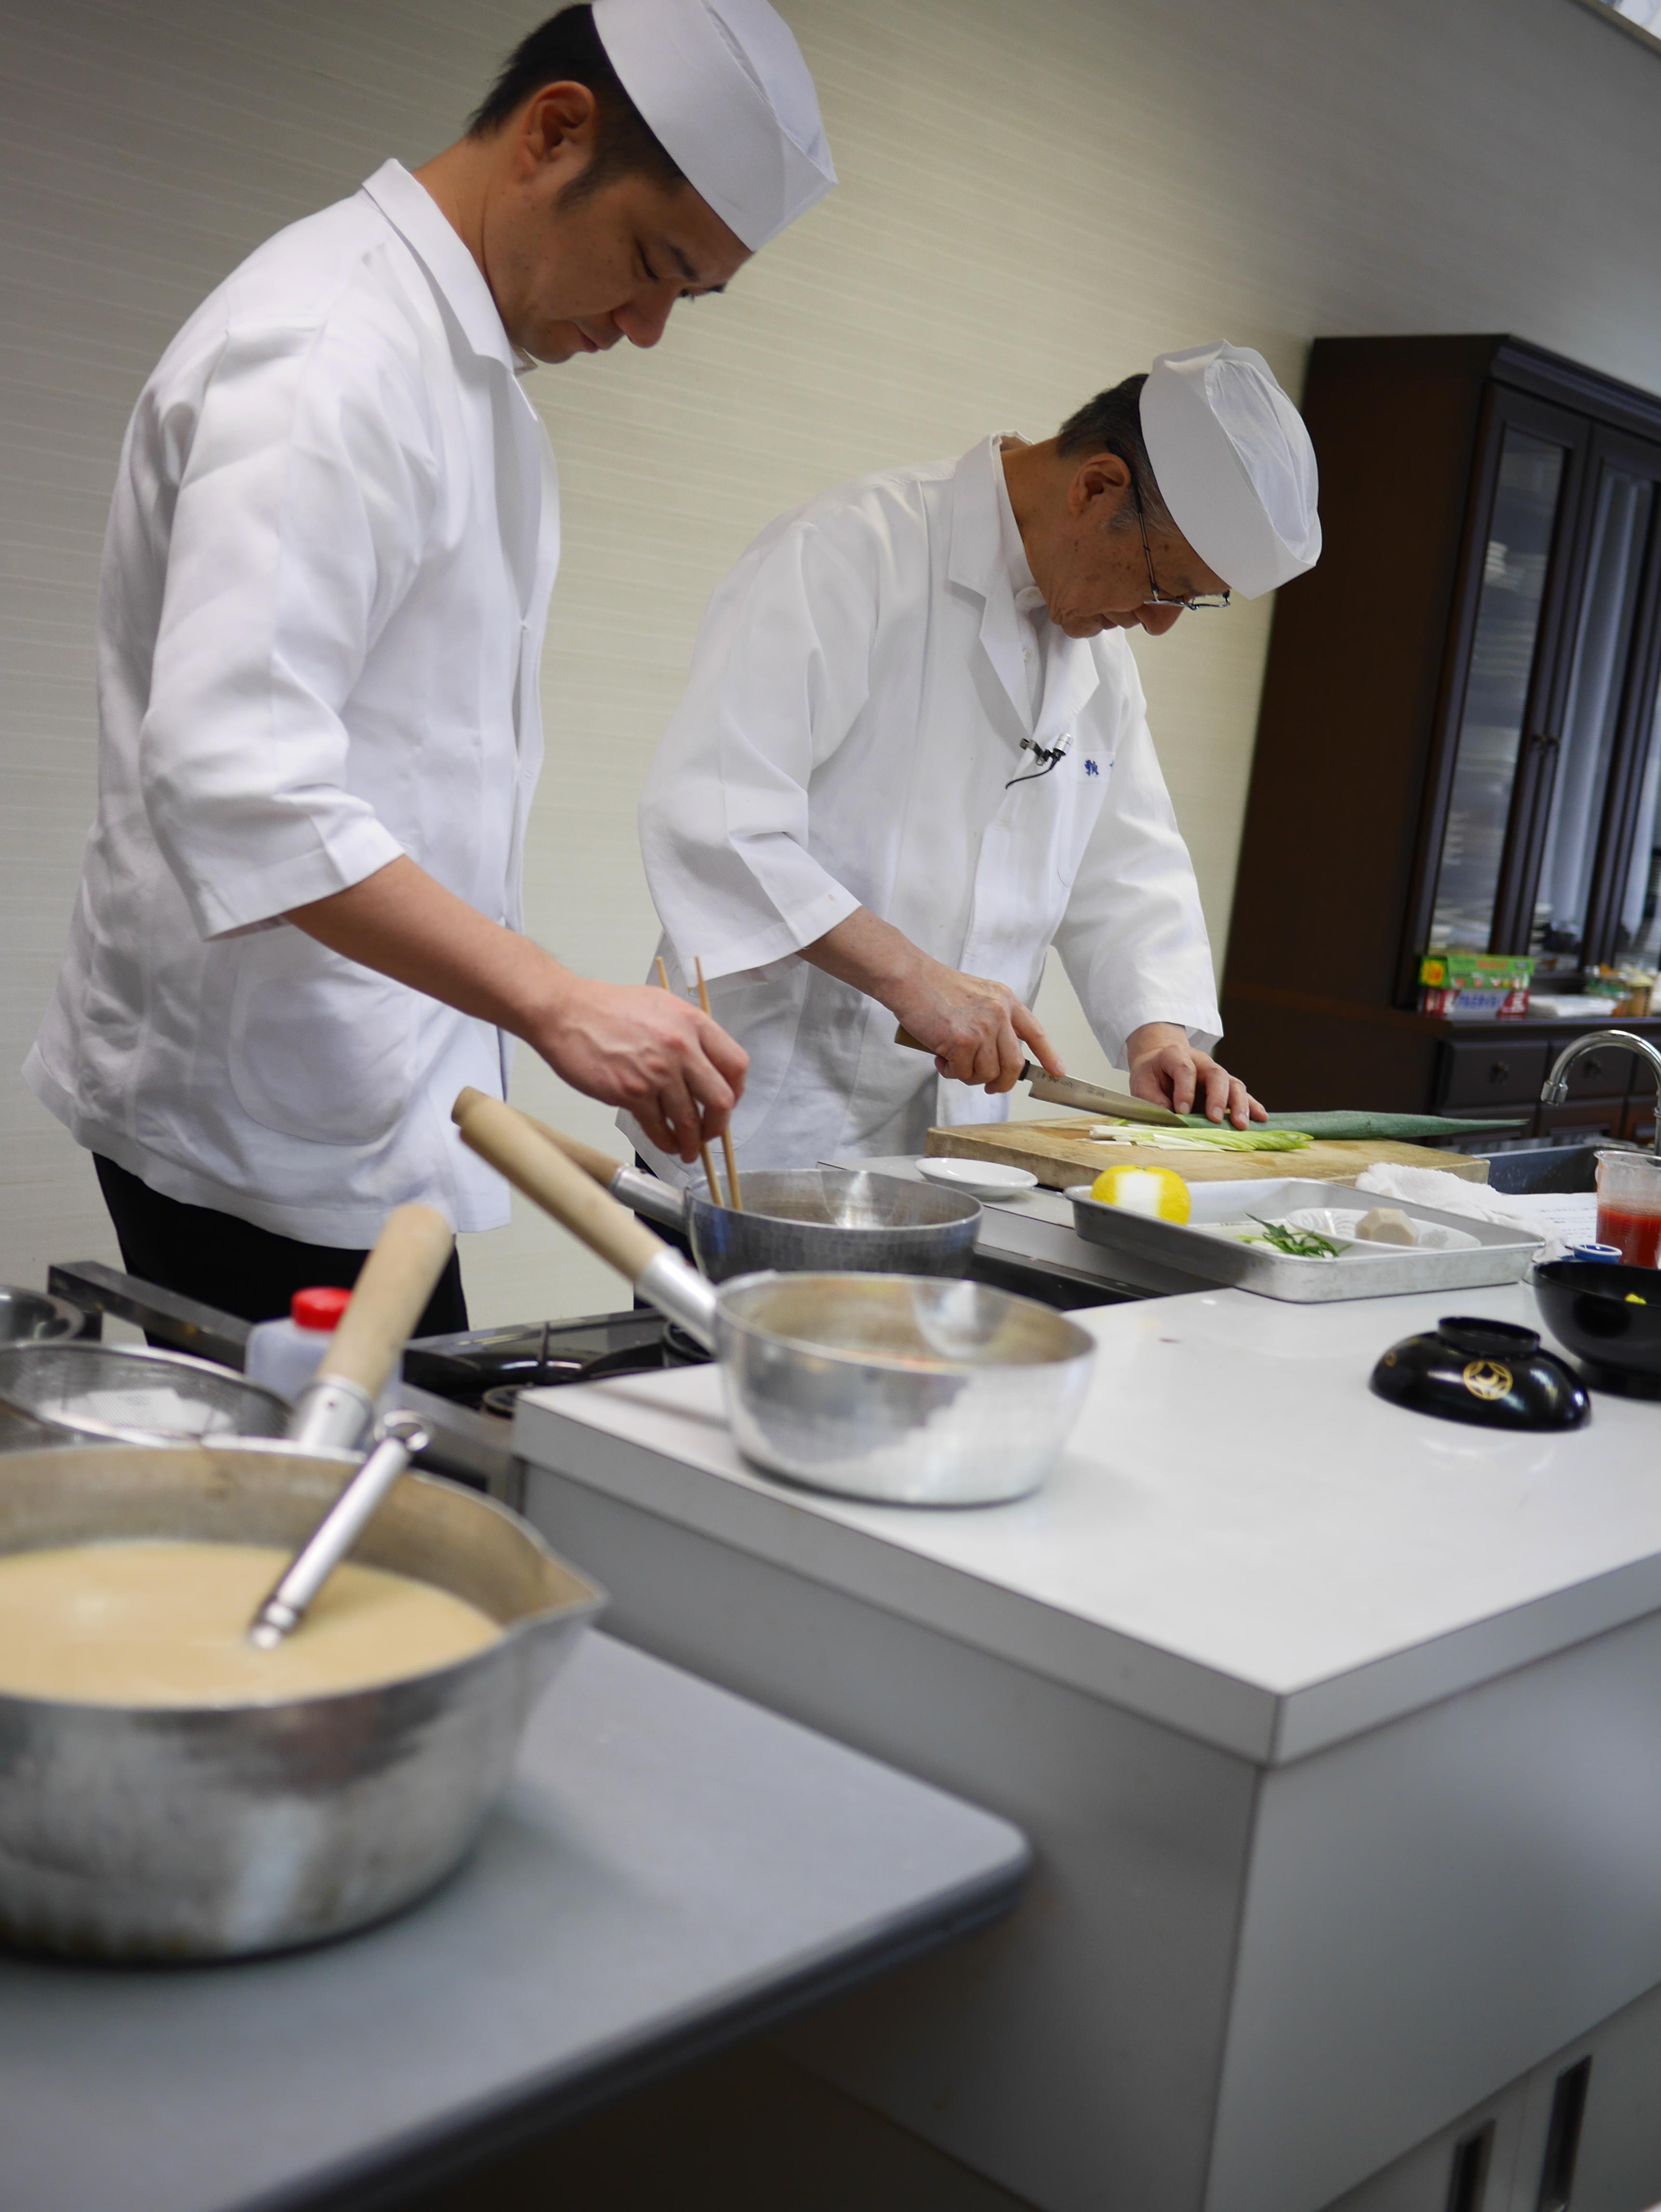 茶懐石料理教室のご案内 | 幸菜 ... - kousaian.com